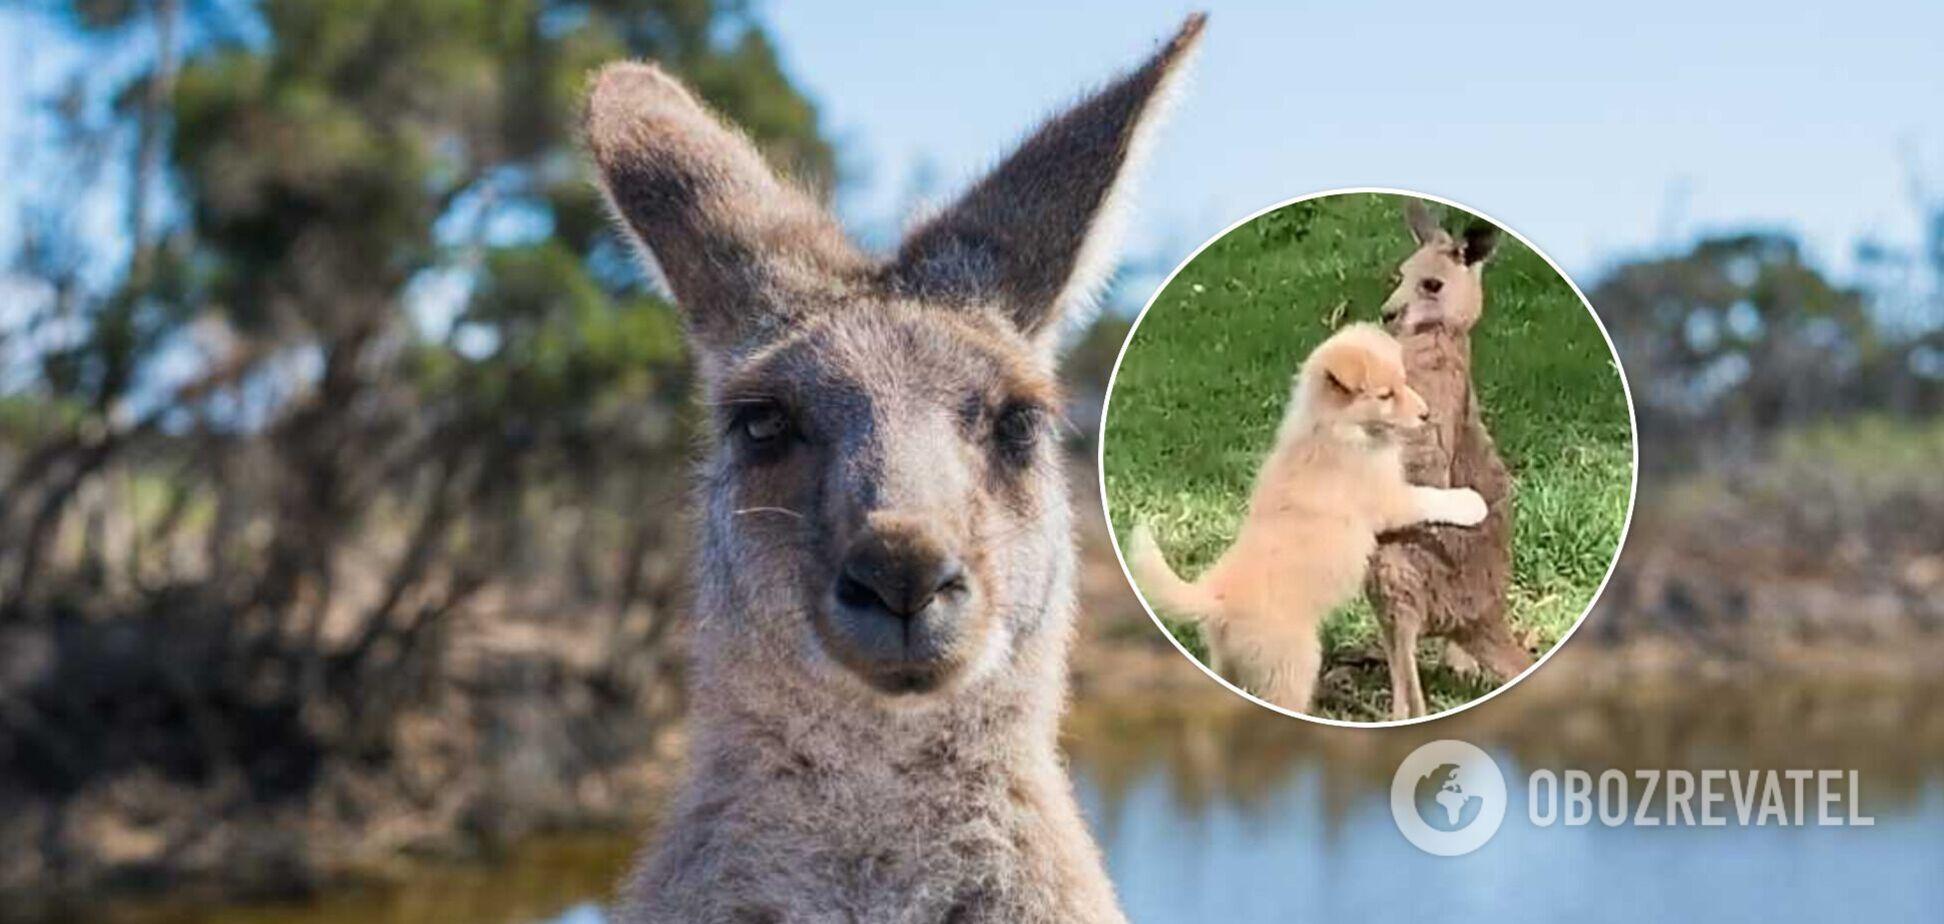 В Австралии засняли милые объятия собаки и кенгуру. Видео